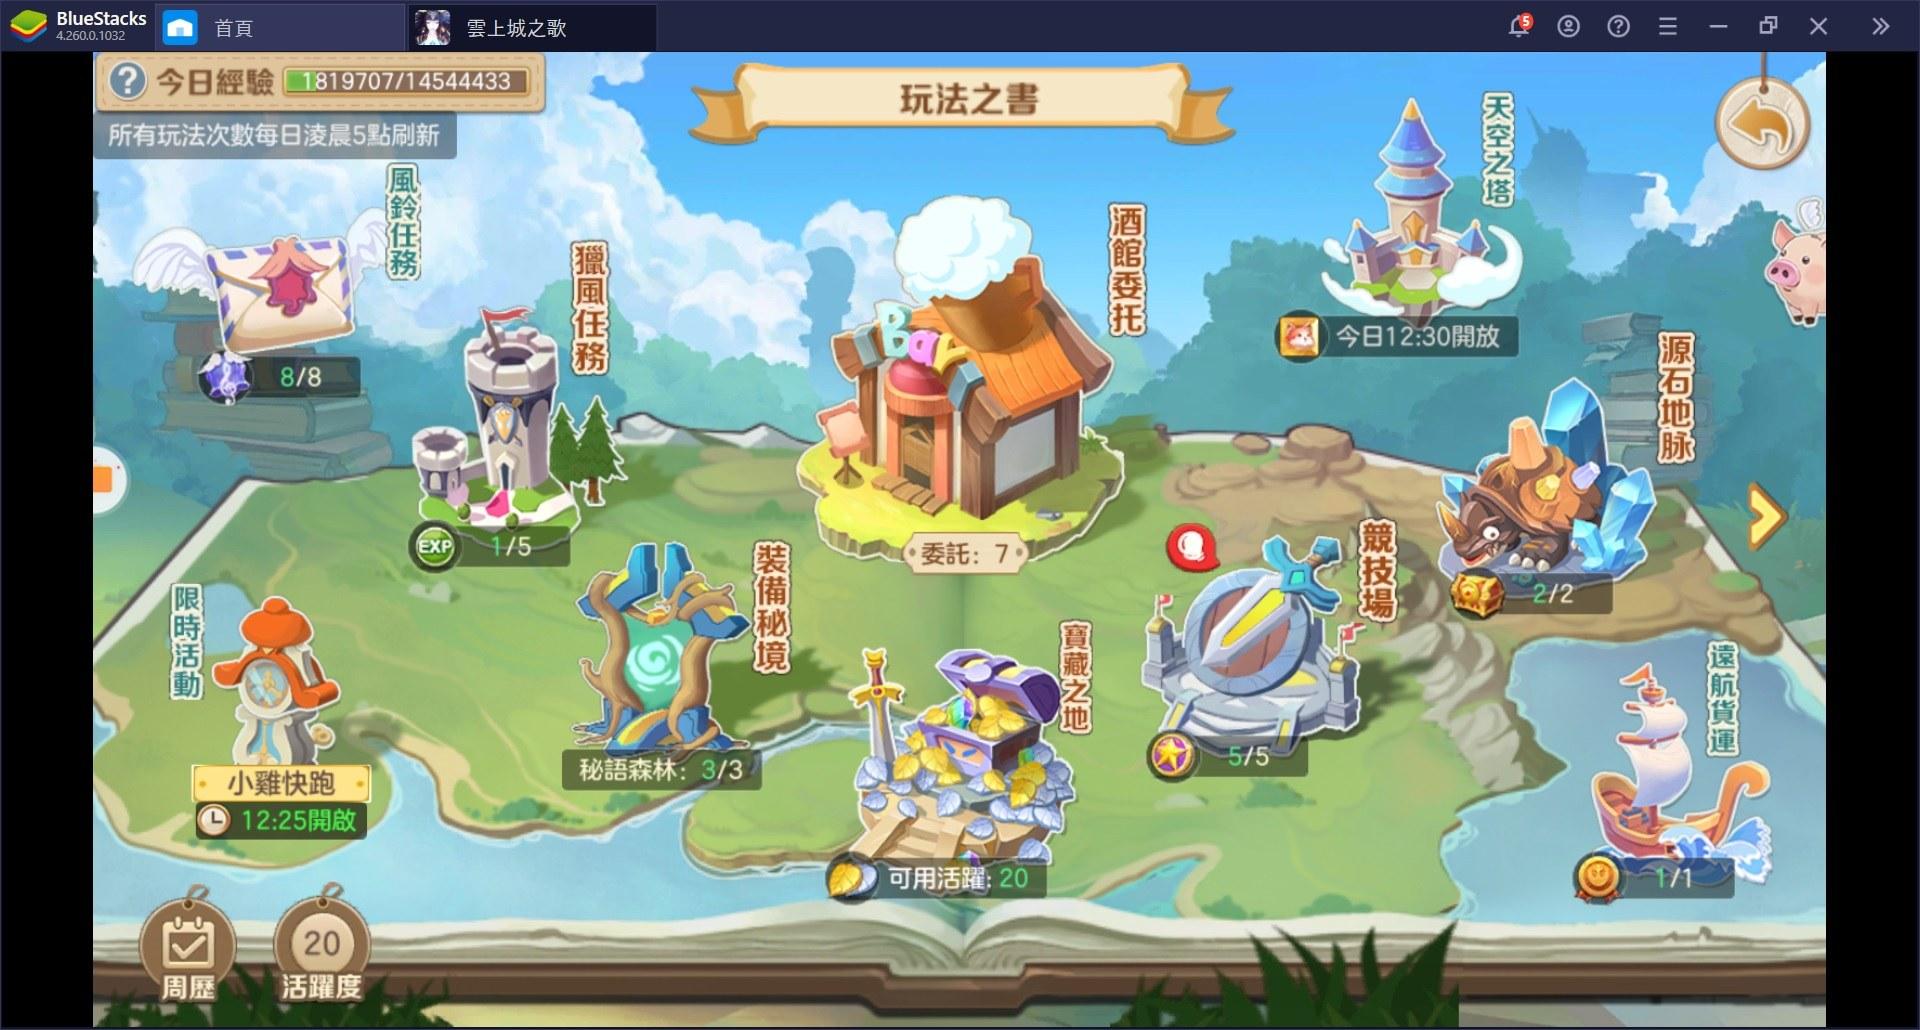 使用BlueStacks在PC上體驗異世界冒險題材的MMORPG手遊《雲上城之歌》